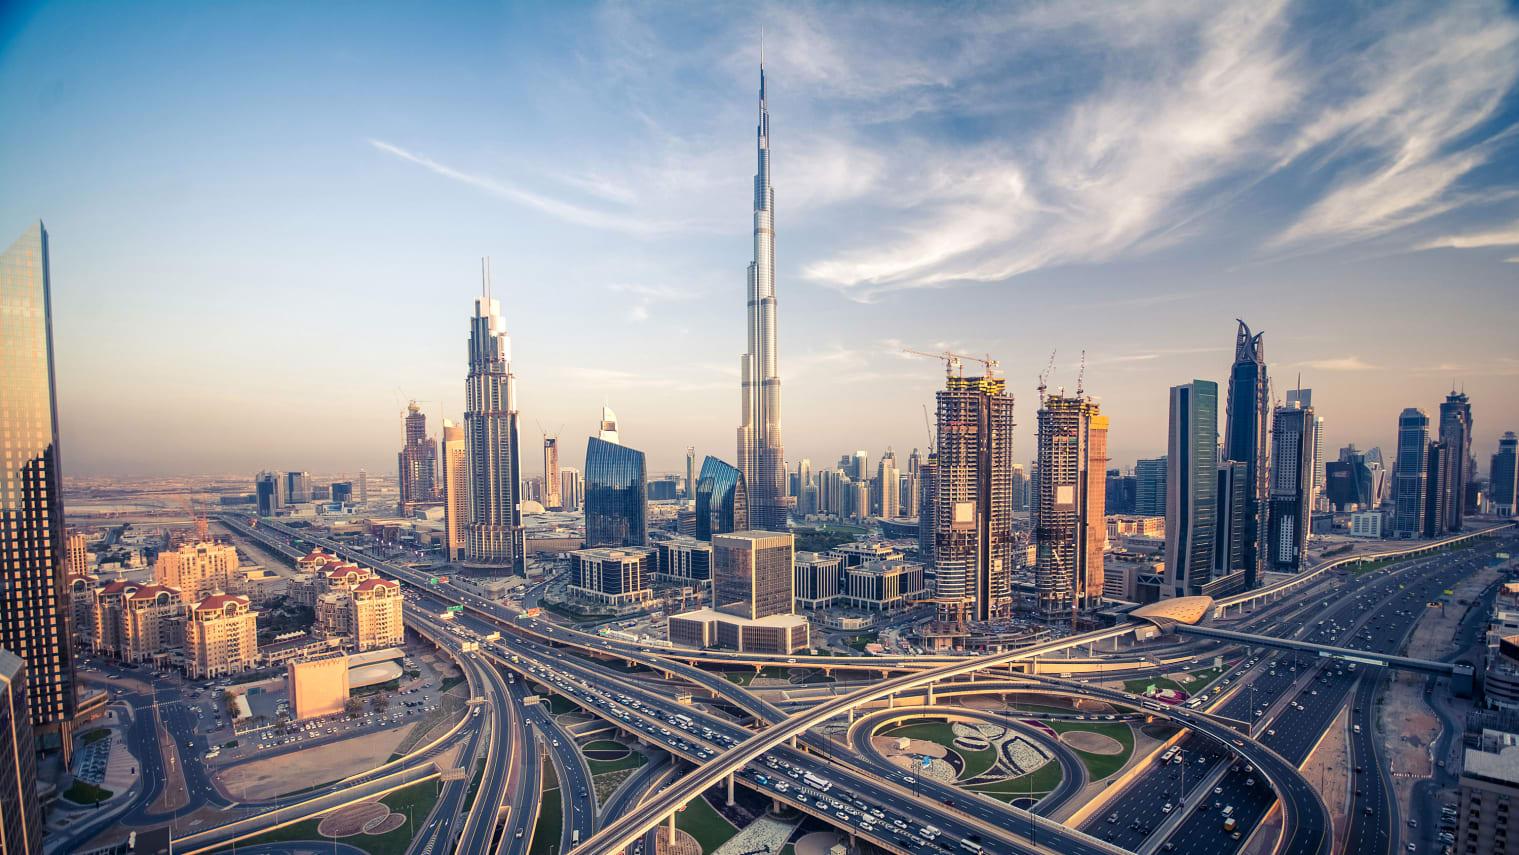 UAE : Shams Media City, United Arab Emirates, 515000